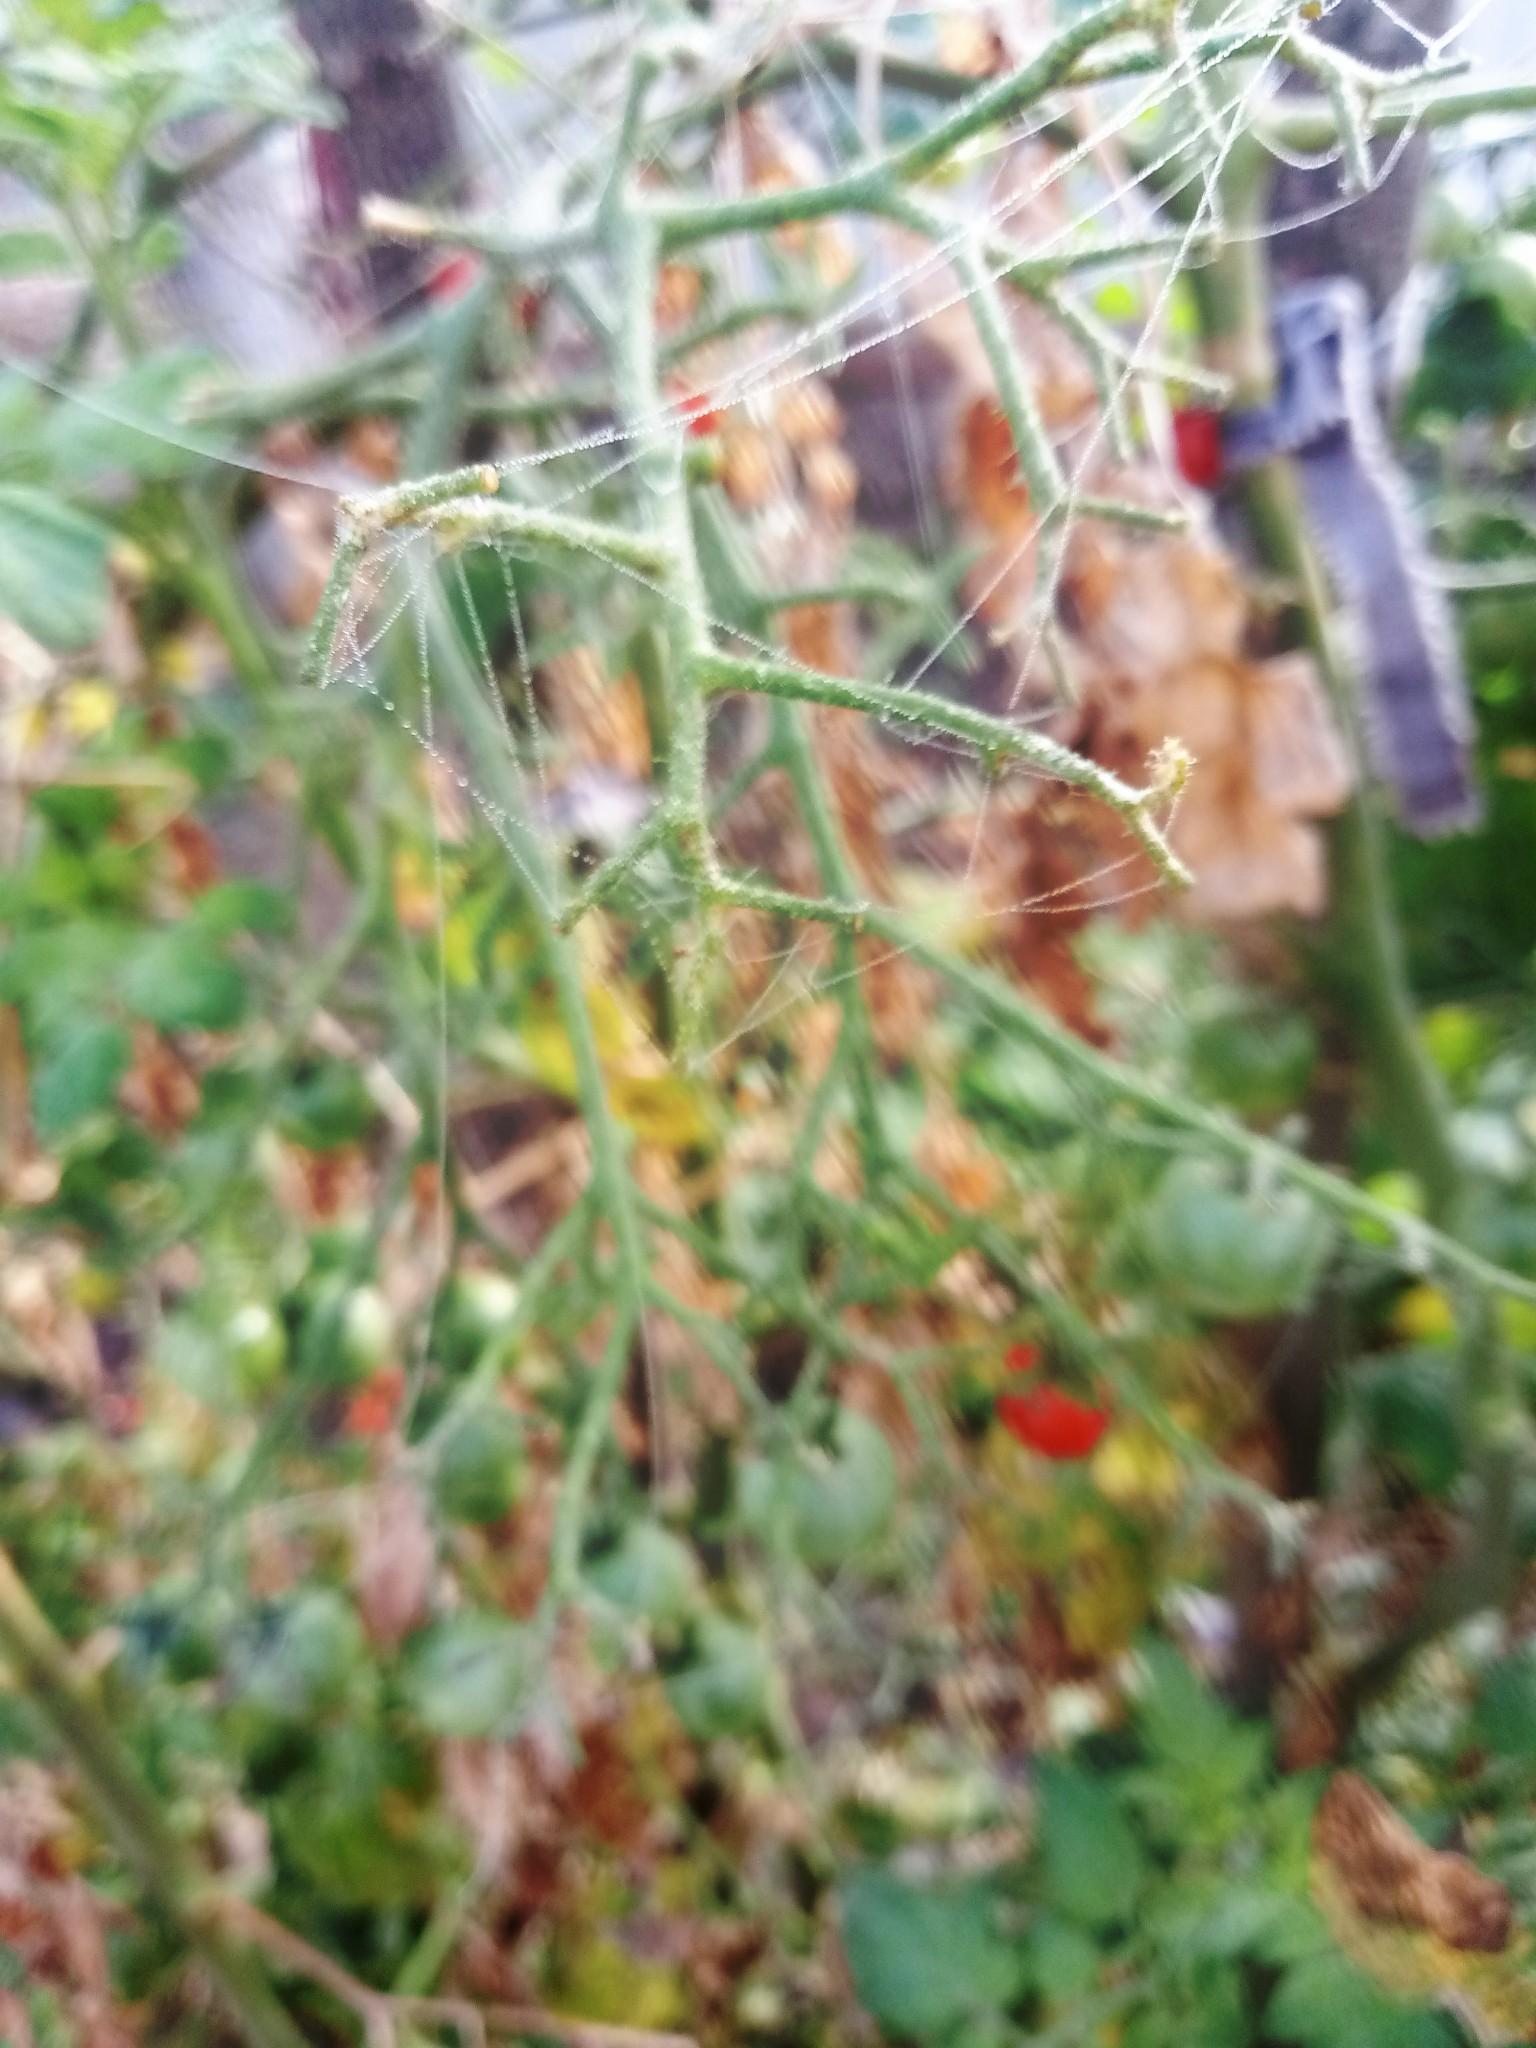 Spider web photo 7